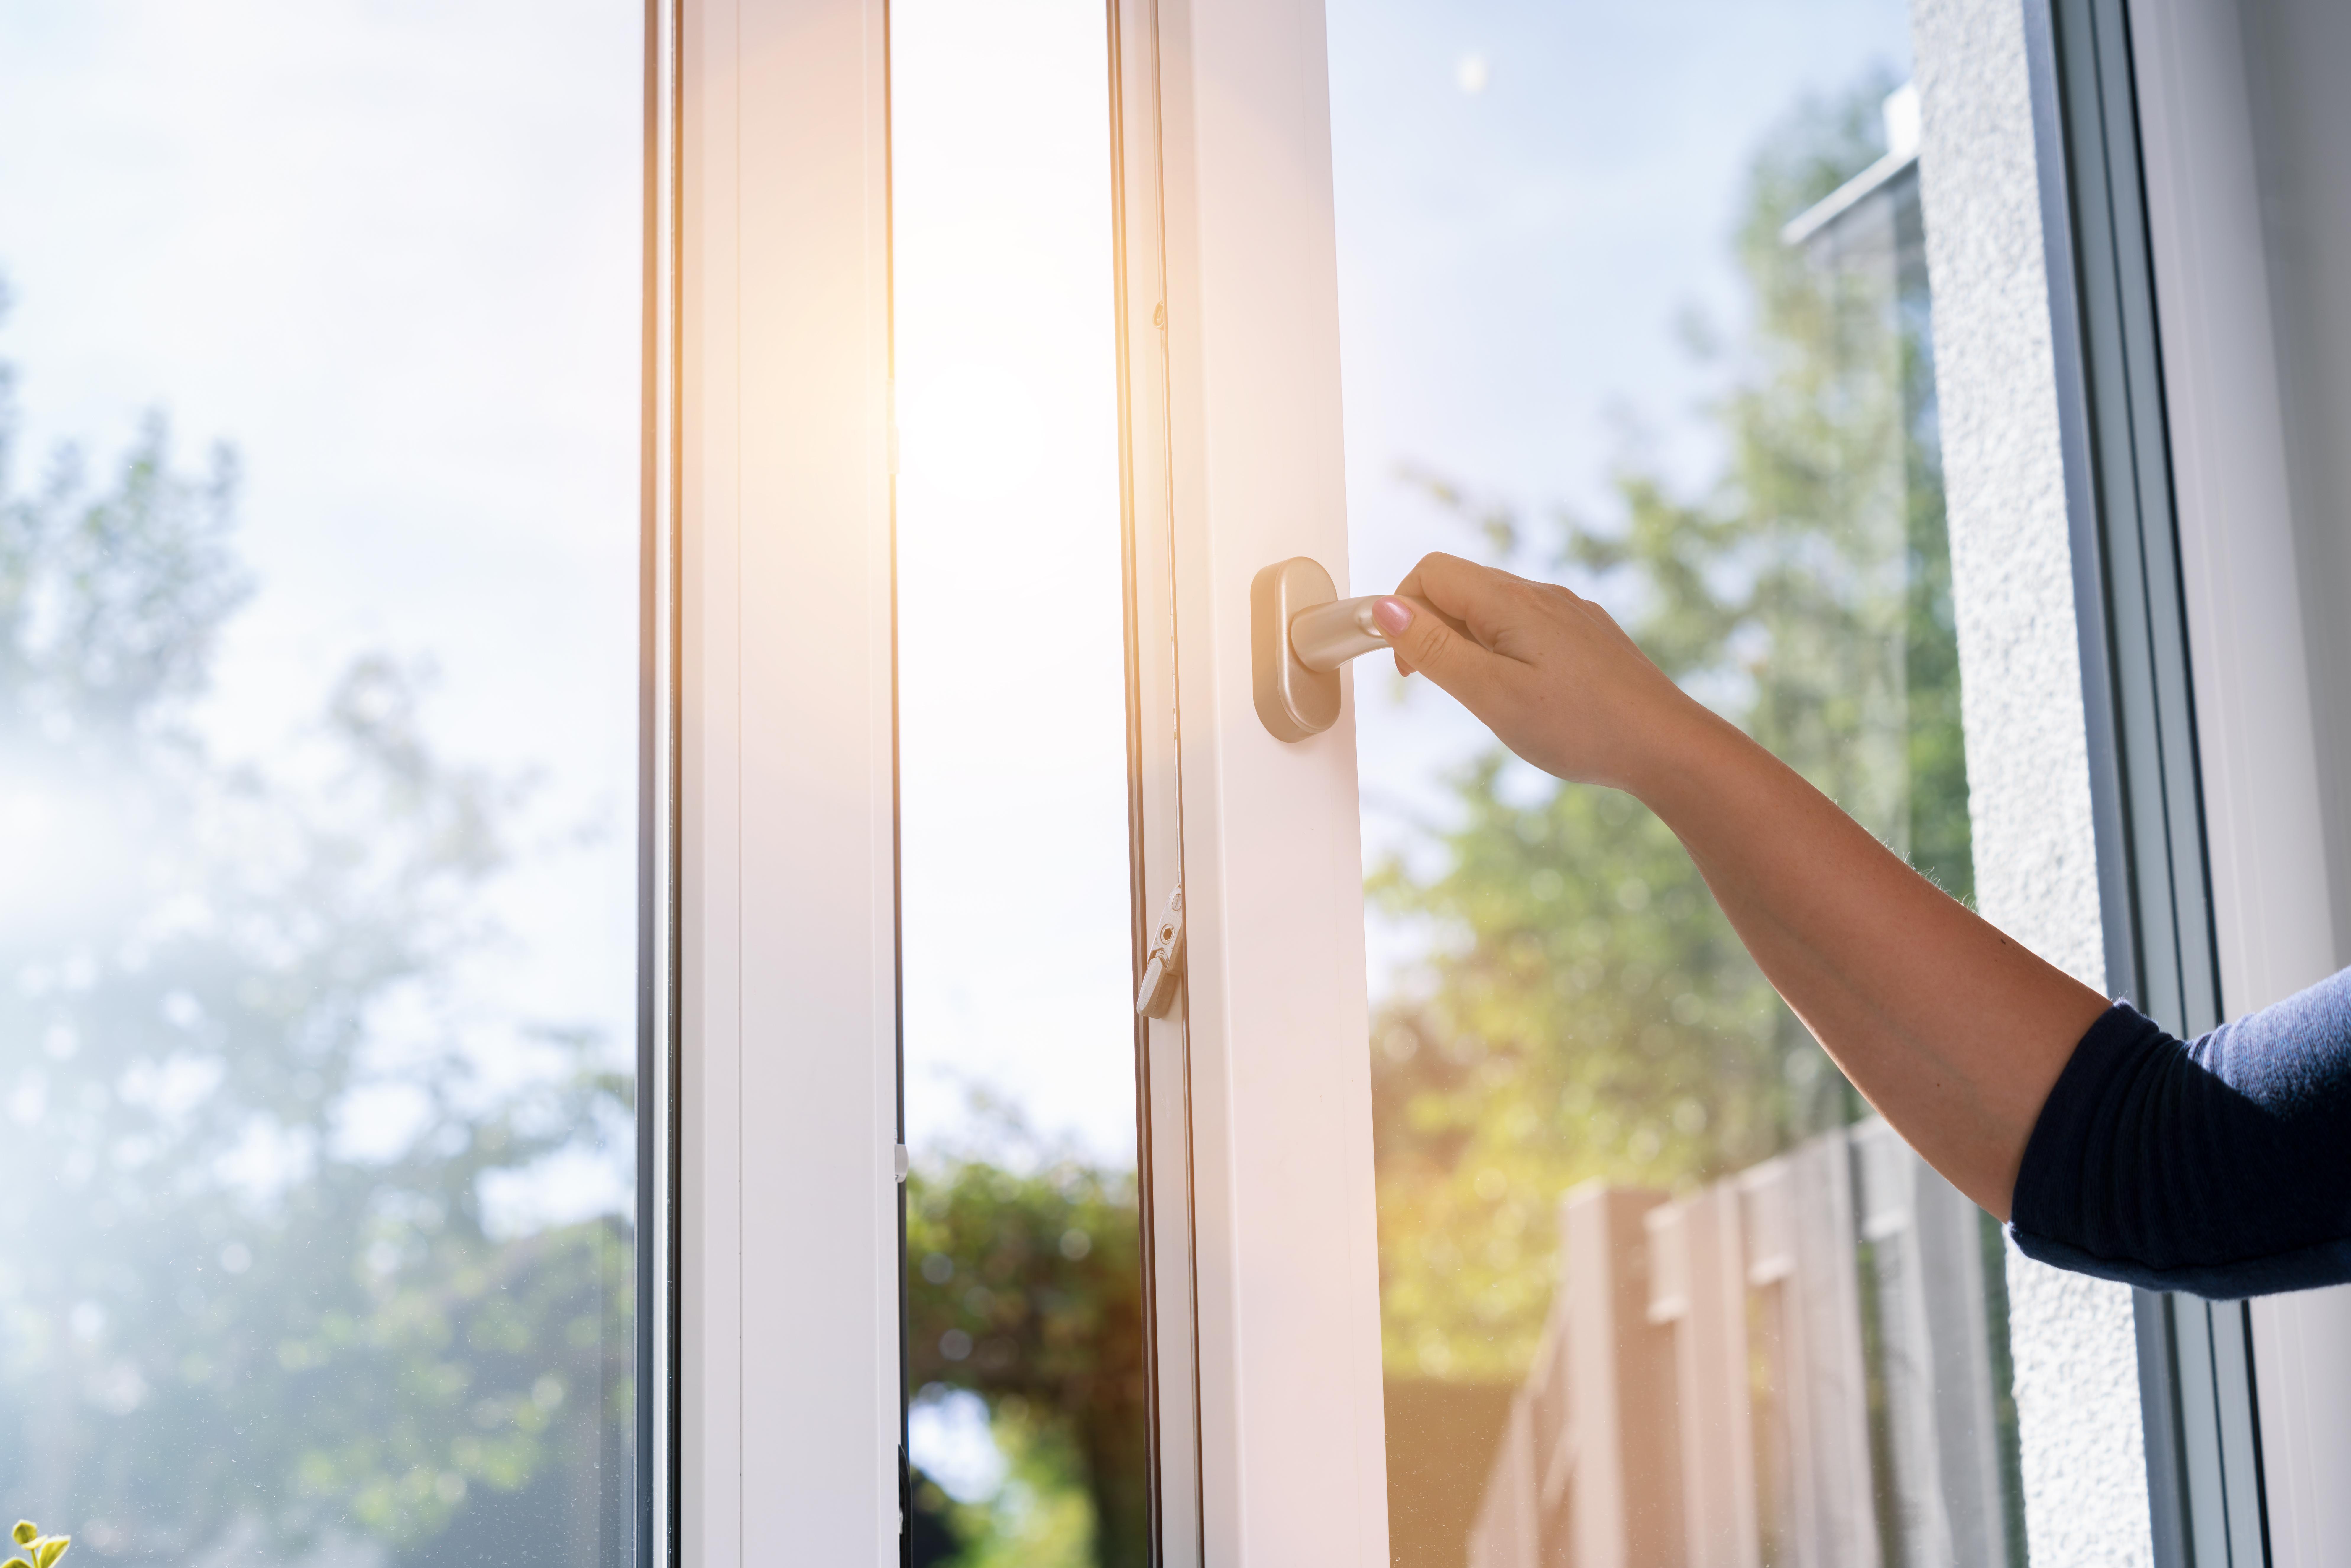 Cửa sổ mở là cách thông khí tự nhiên hiệu quả và tiết kiệm